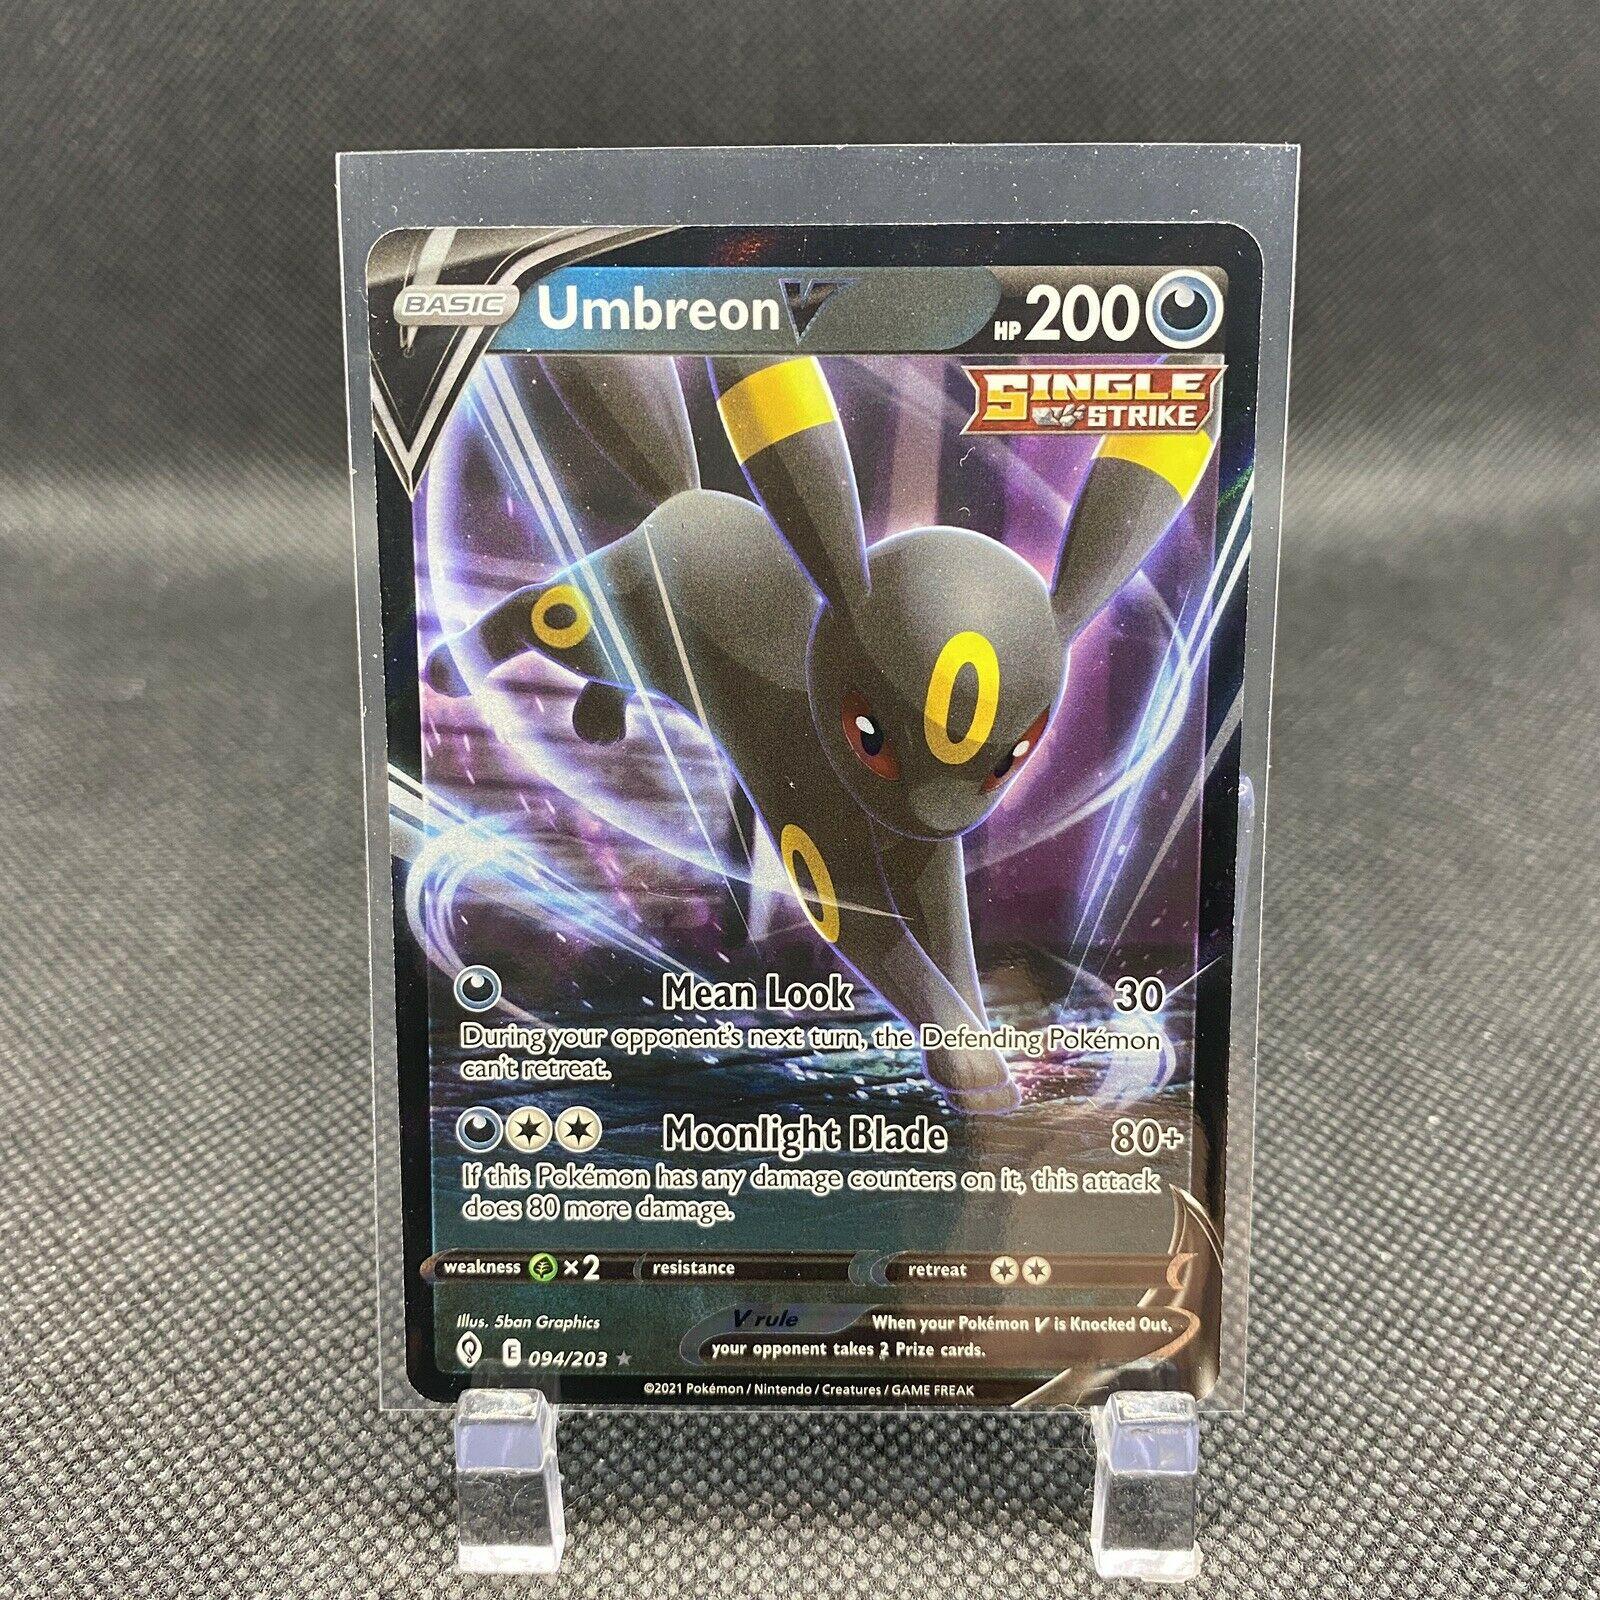 Umbreon V 094/203 Full Art Rare Evolving Skies Pokemon Card Near Mint NM